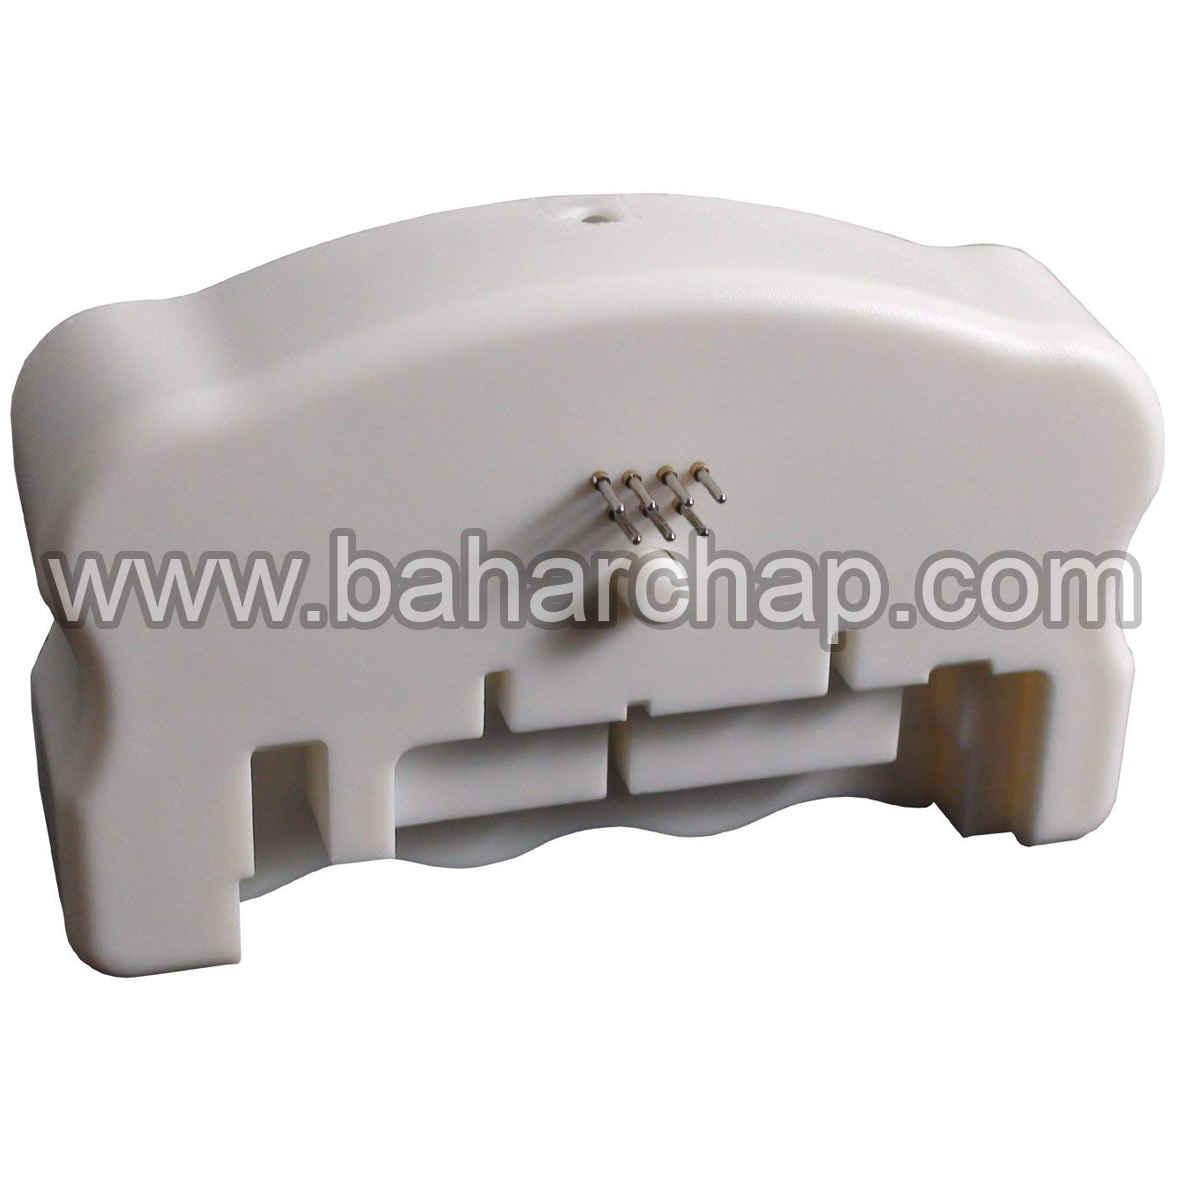 فروشگاه و خدمات اینترنتی بهارچاپ اصفهان-ریسیتر چیپ اپسون T6710 T6711-Chip Restter For Epson T6711 Maintenance Box